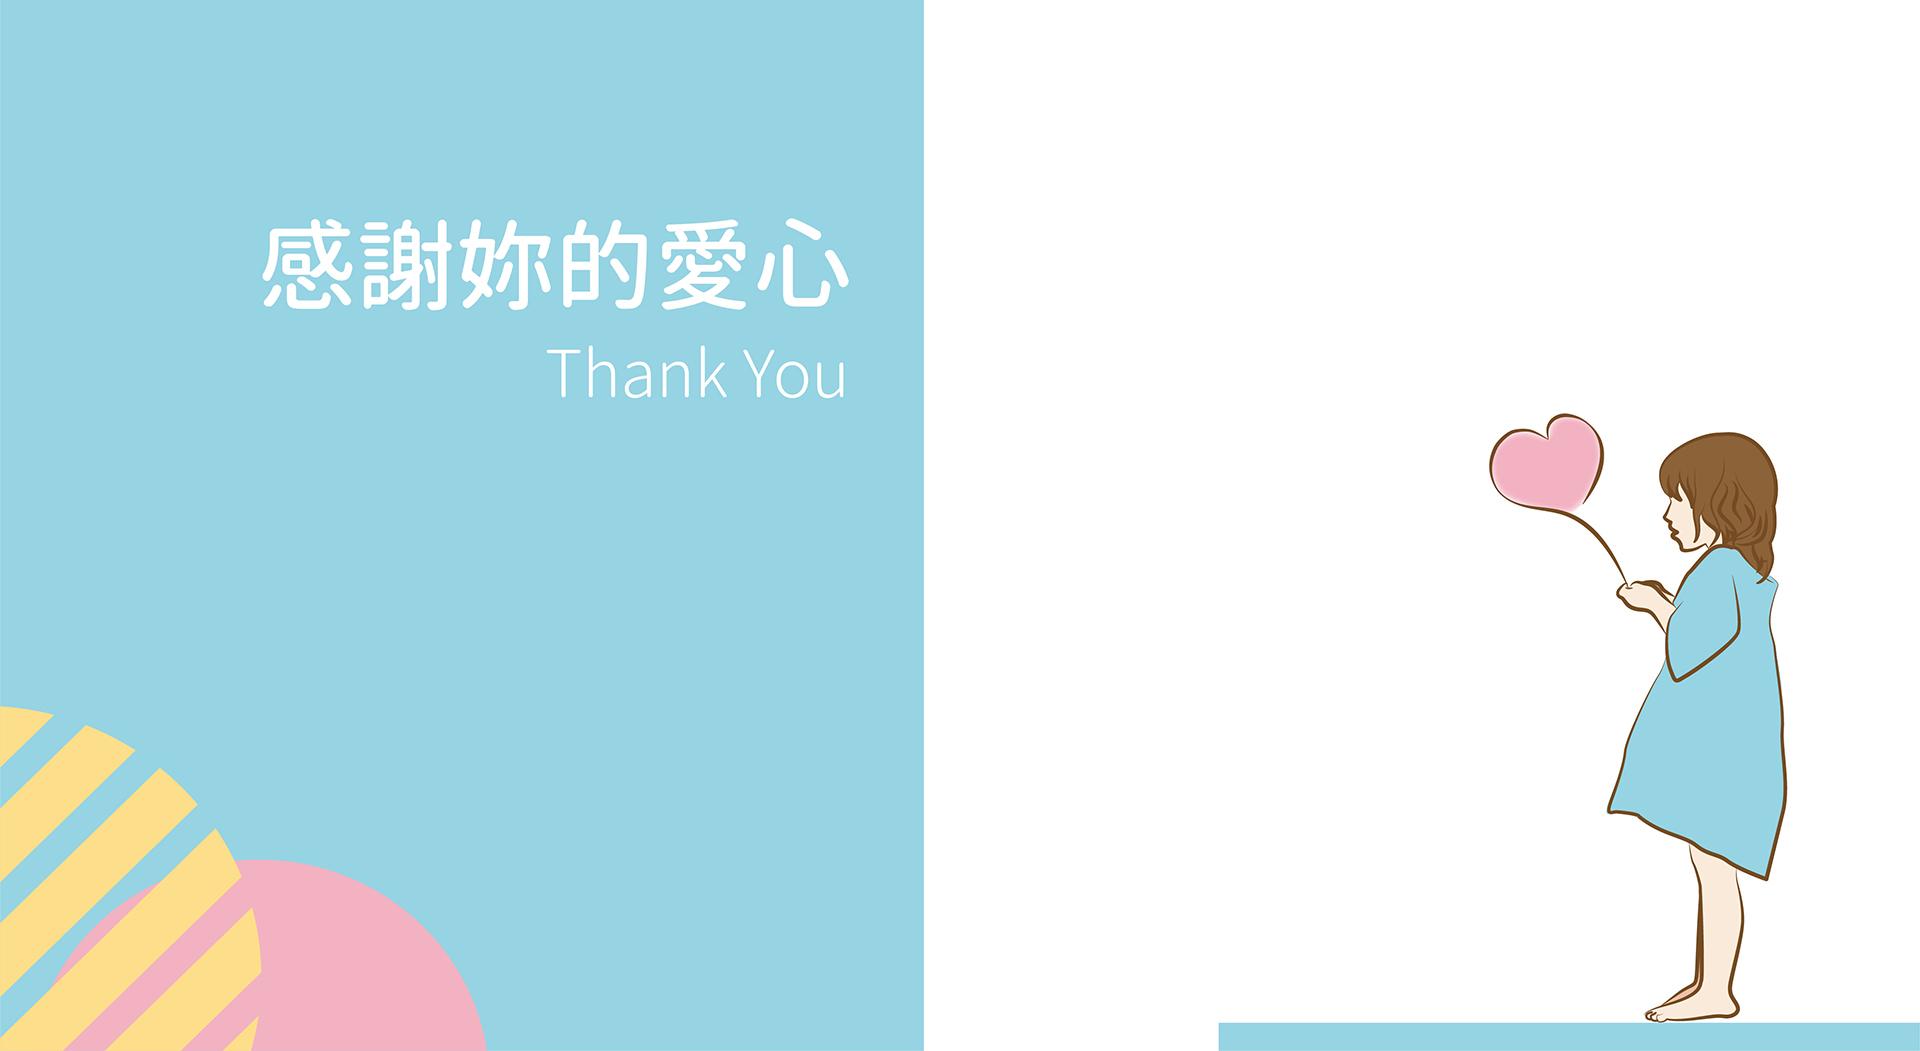 感謝妳的支持,這項計畫將會持續下去,傳遞更多的愛。